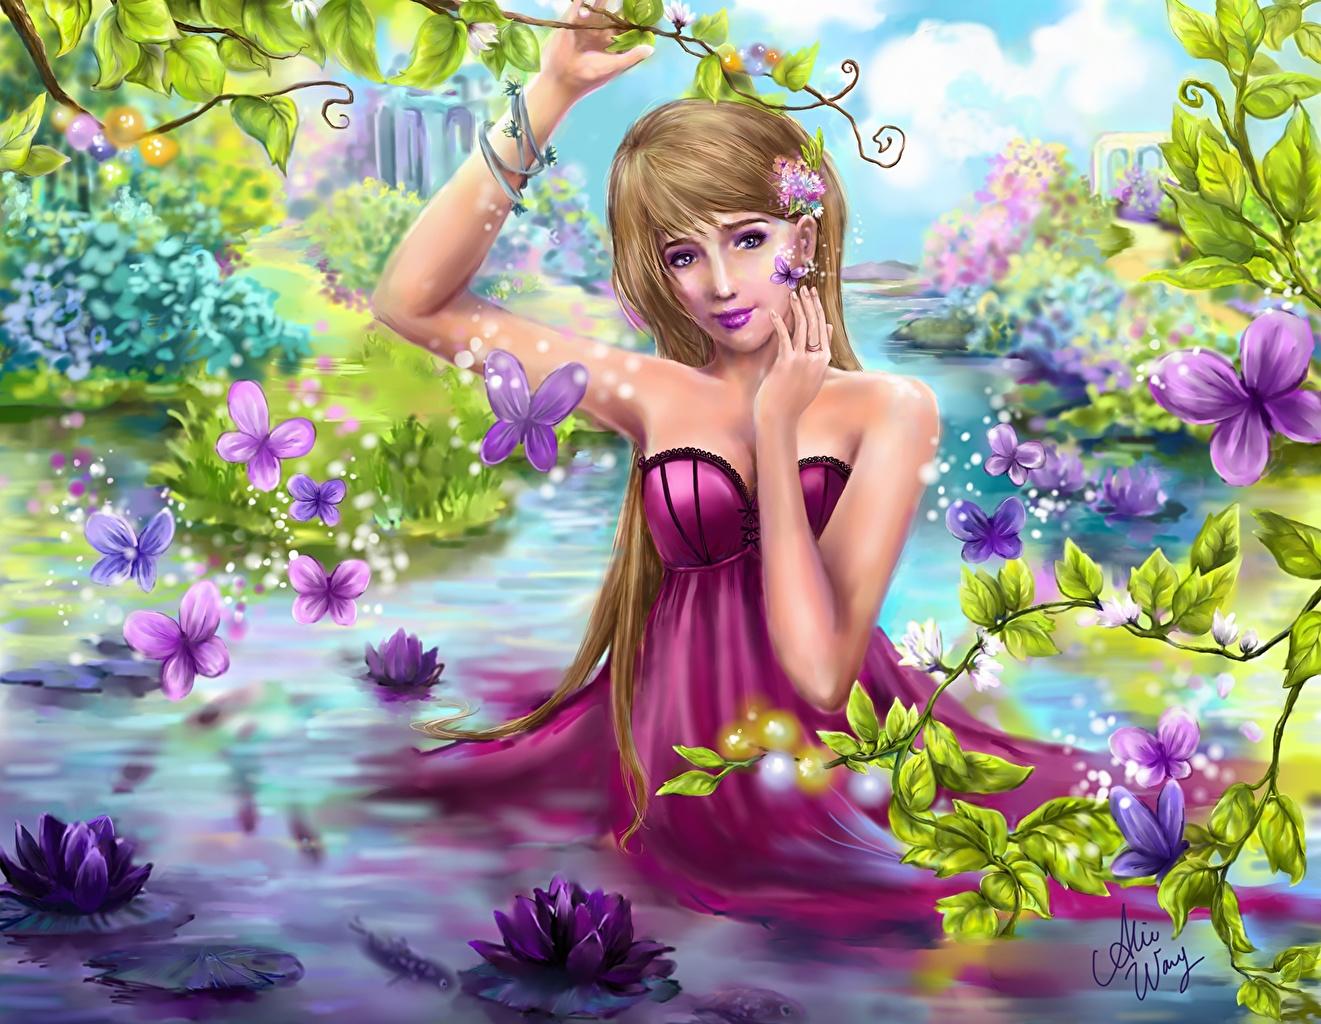 Фото Бабочки Фэнтези молодые женщины Пруд Водяные лилии Платье бабочка девушка Девушки Фантастика молодая женщина Кувшинки платья